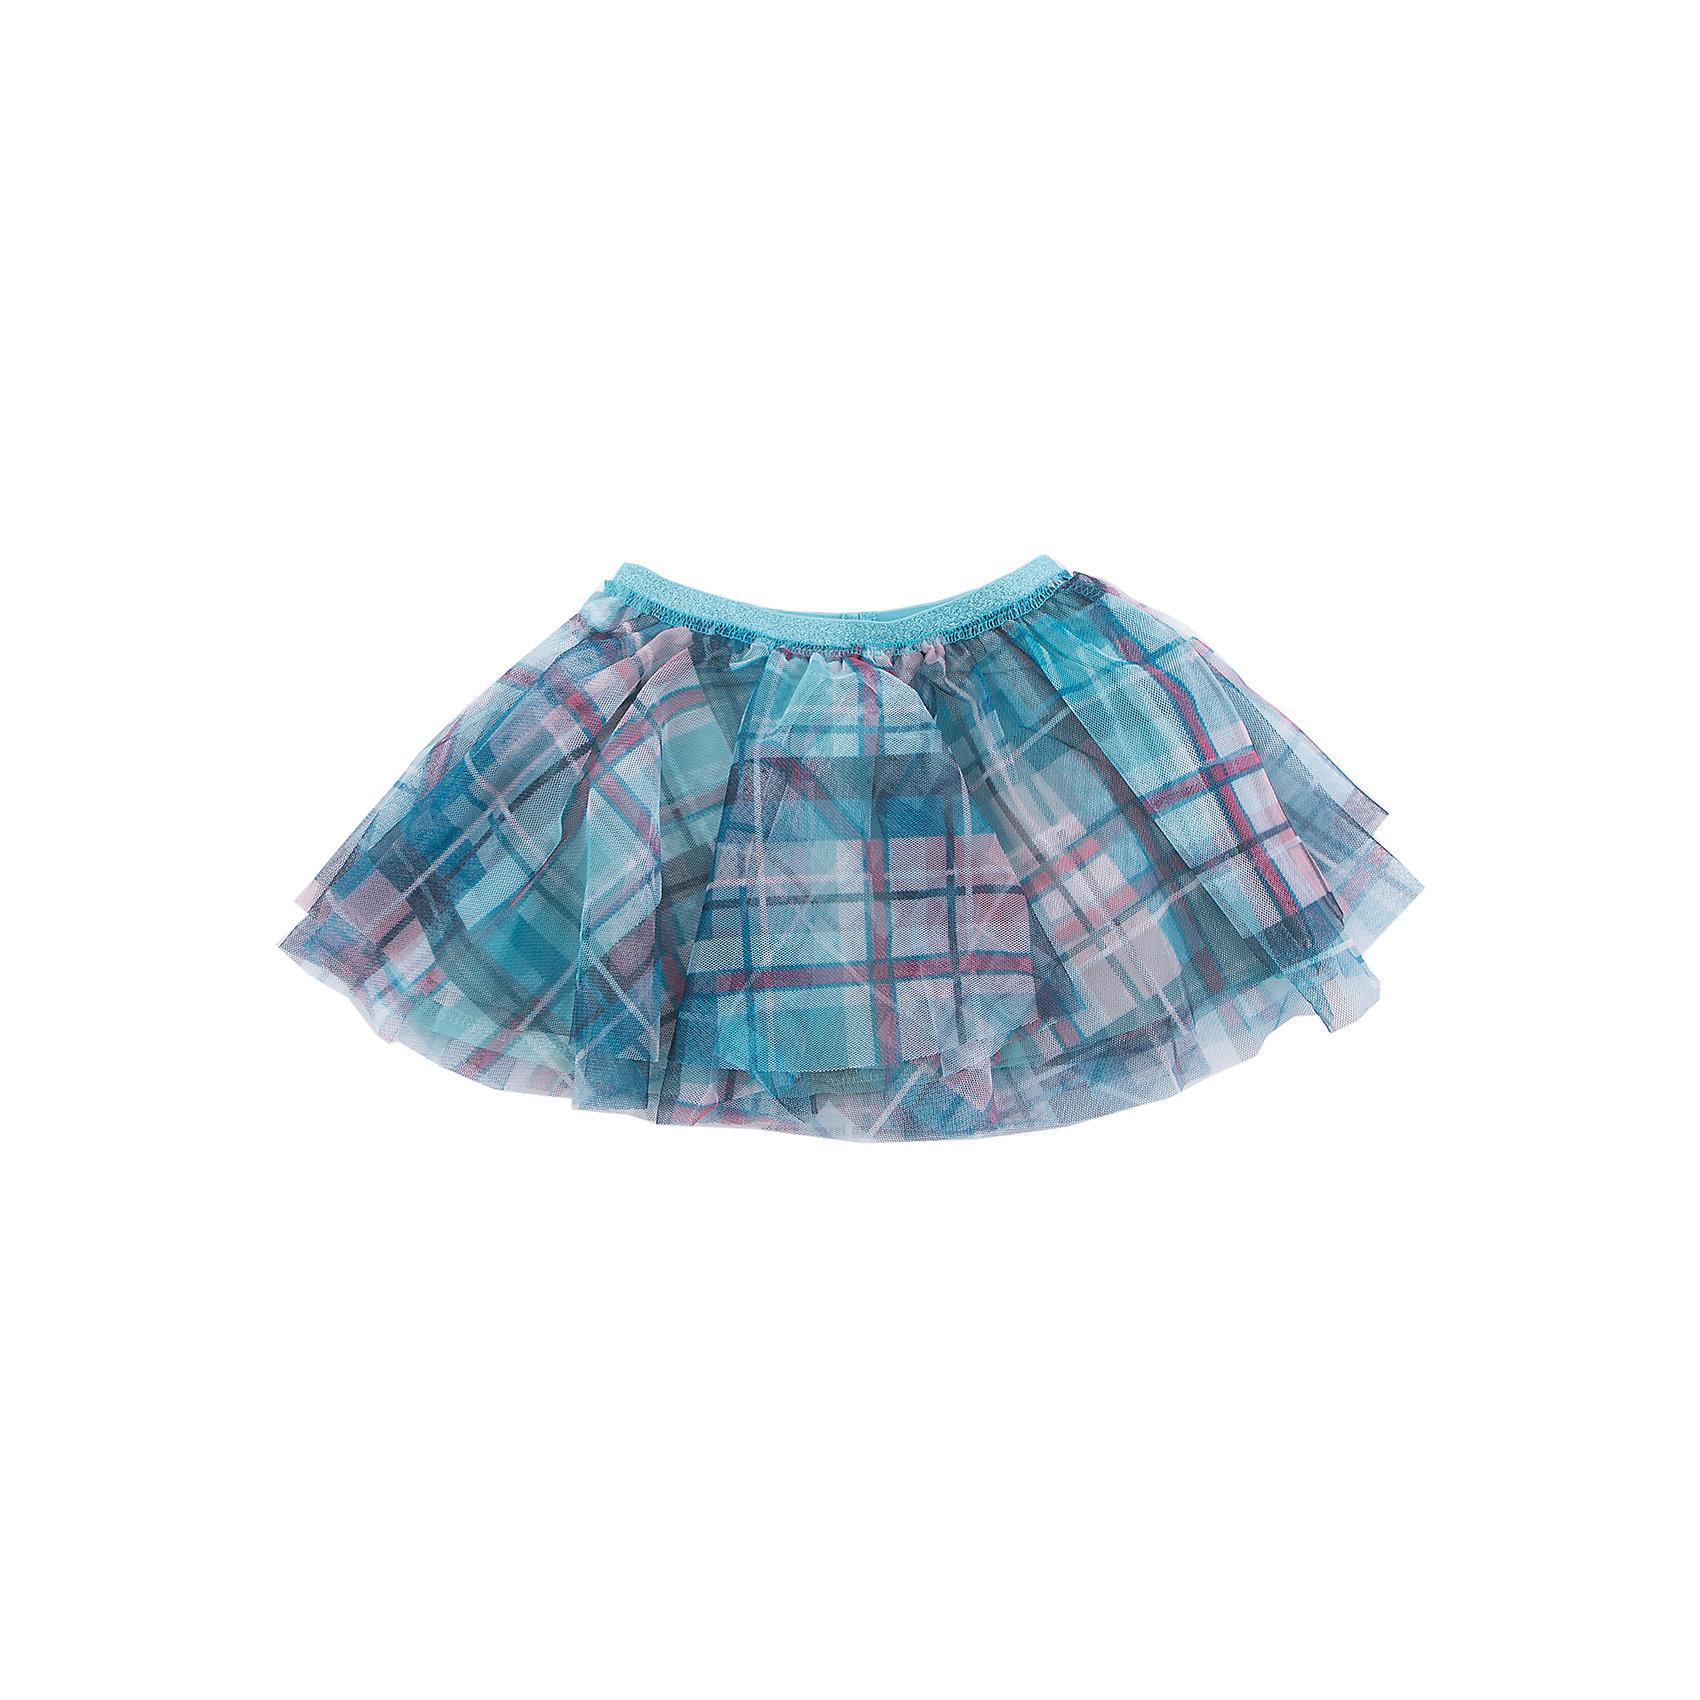 Юбка PlayToday для девочкиЮбки<br>Юбка PlayToday для девочки<br>Пышная двуслойная юбка. Нижняя часть из натурального хлопка. Модель на широкой резинке, не сдавливающей живот ребенка. Верхняя часть из тонкой легкой сетчатой ткани.<br>Состав:<br>Верх: 100% полиэстер, Подкладка: 100% хлопок<br><br>Ширина мм: 207<br>Глубина мм: 10<br>Высота мм: 189<br>Вес г: 183<br>Цвет: белый<br>Возраст от месяцев: 84<br>Возраст до месяцев: 96<br>Пол: Женский<br>Возраст: Детский<br>Размер: 128,98,104,110,116,122<br>SKU: 7115681